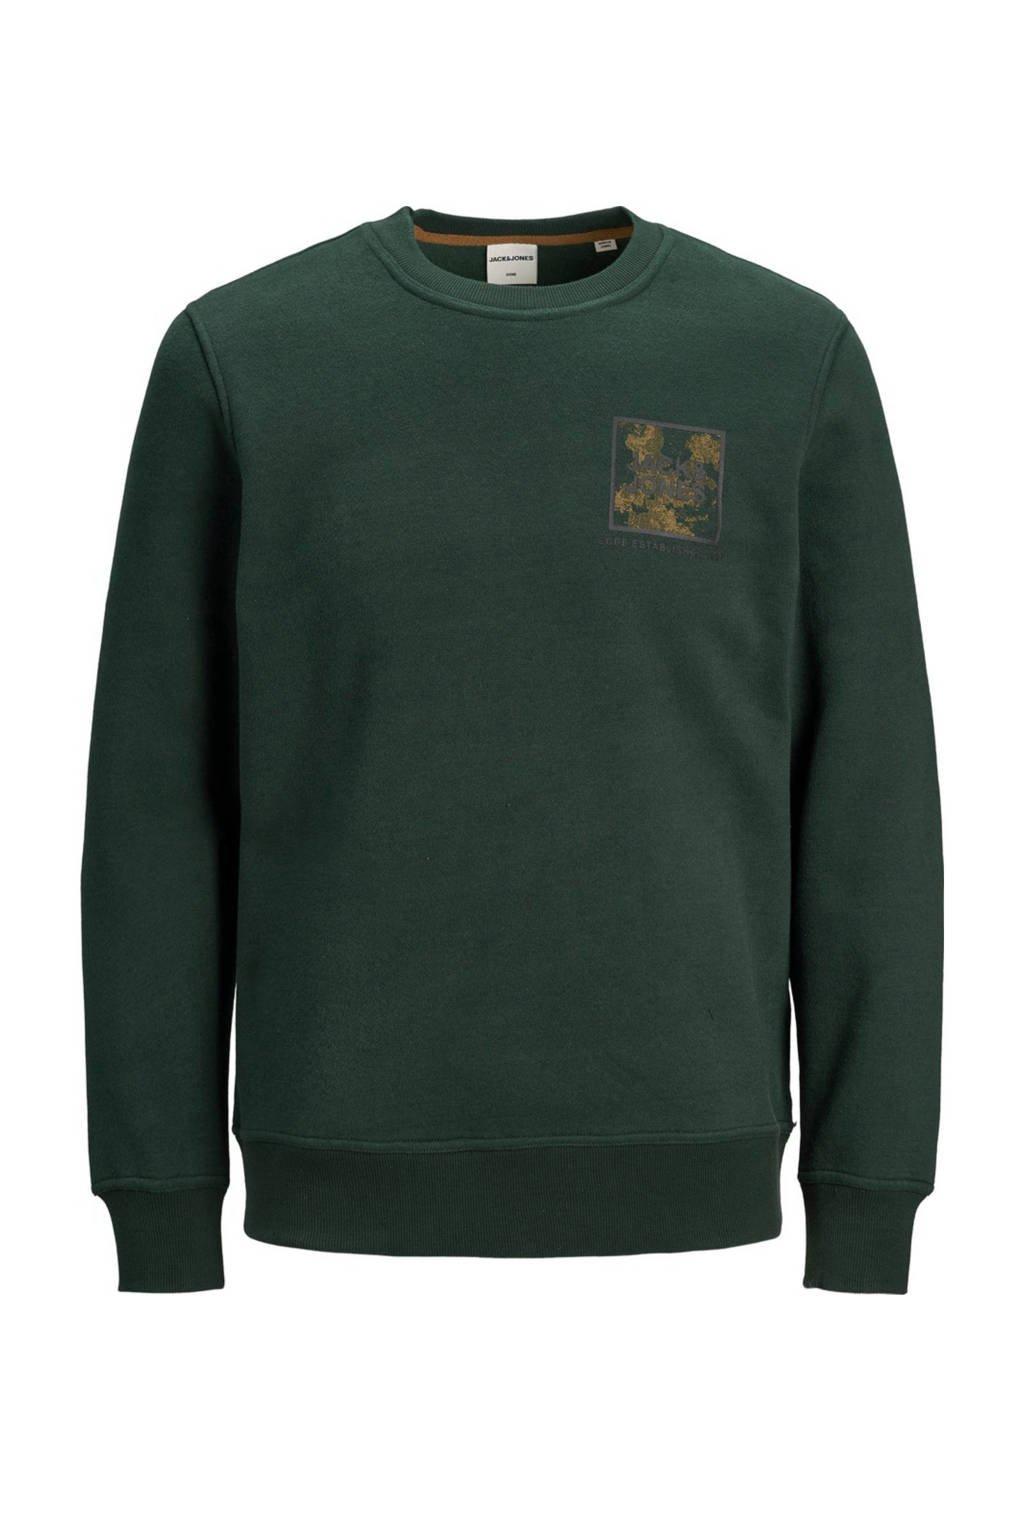 JACK & JONES JUNIOR sweater Ottos met printopdruk donkergroen, Donkergroen